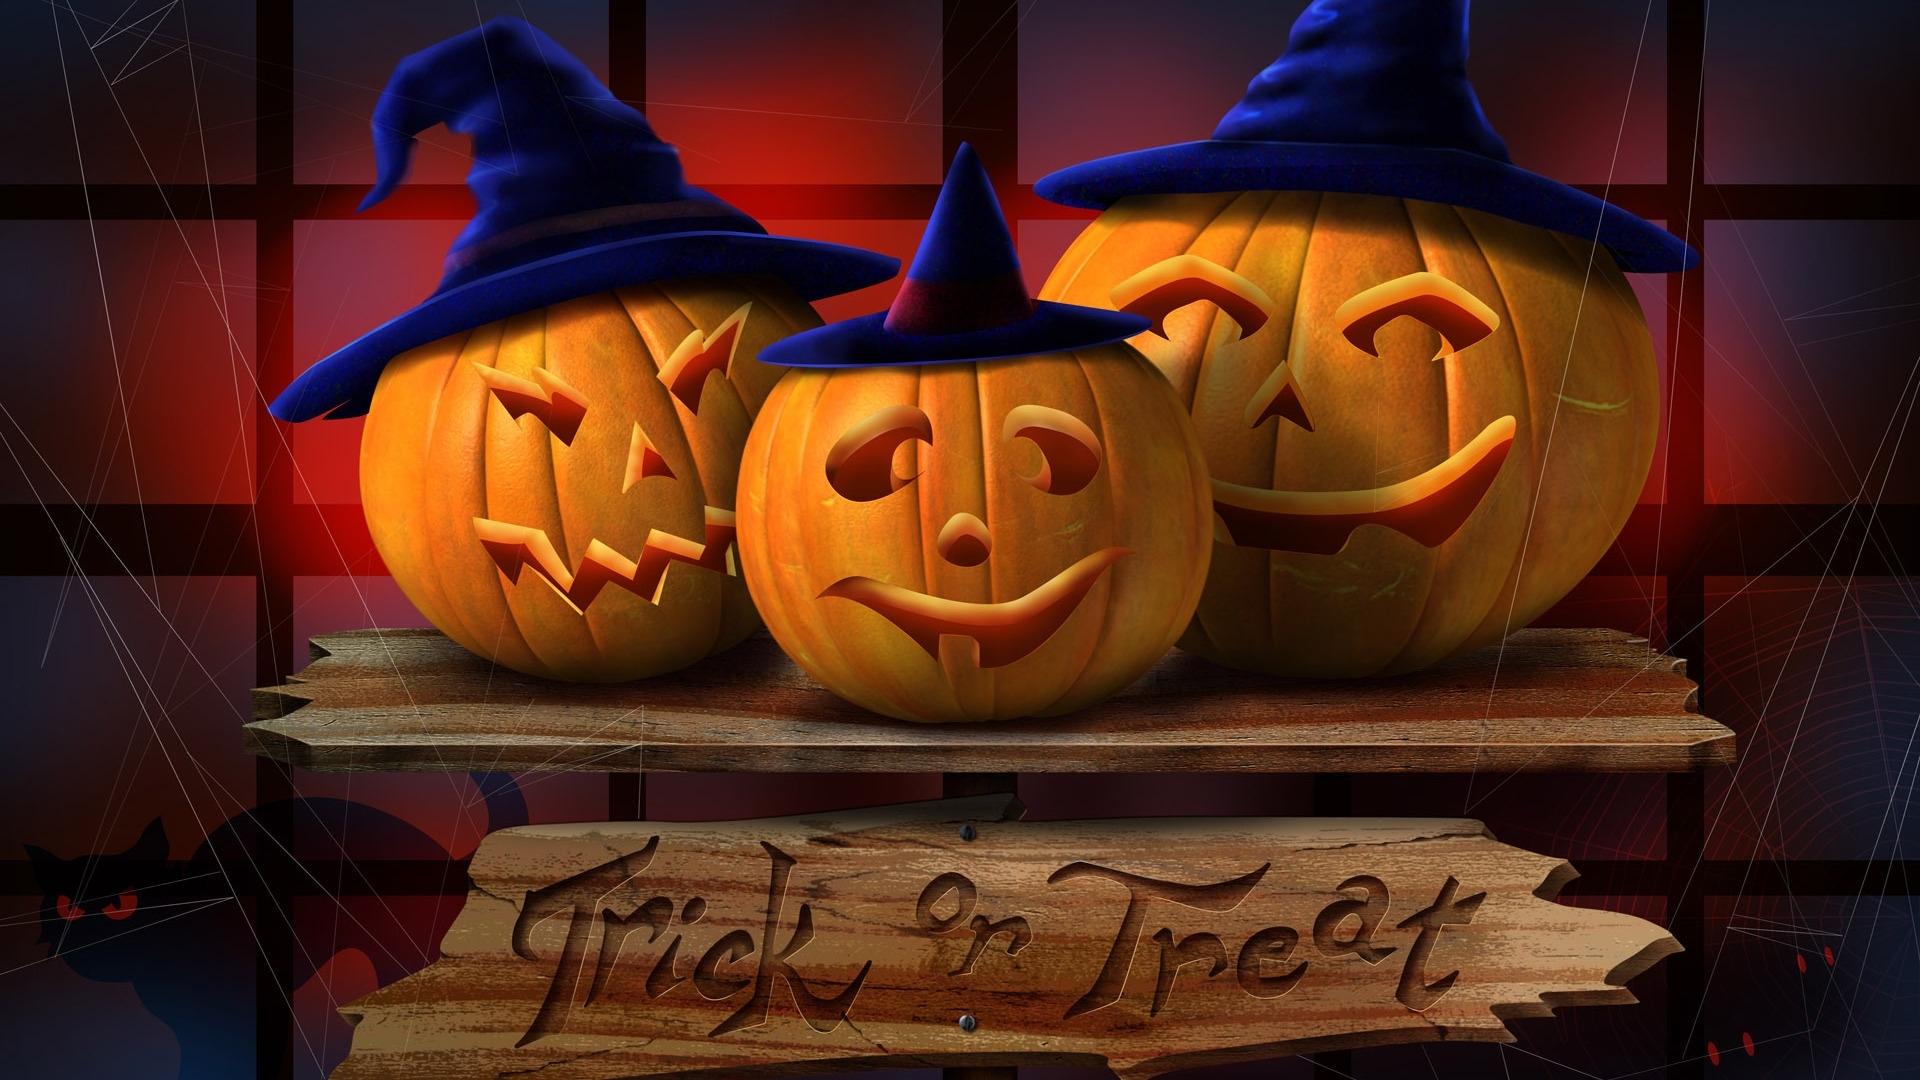 Download Halloween Wallpaper for Mac OS X El Capitan and 1920x1080